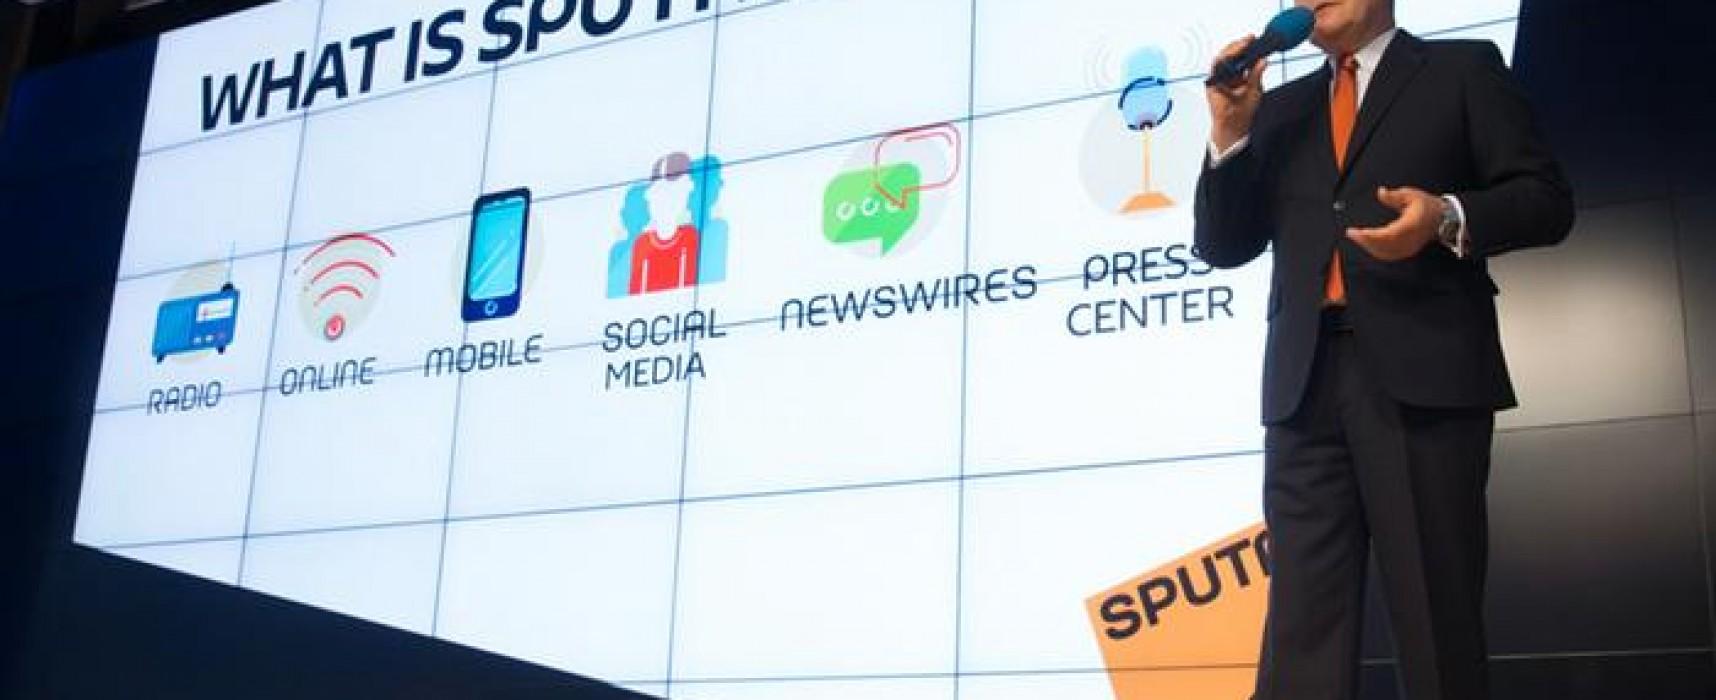 Латвия заблокировала сайт российского агентства Sputnik